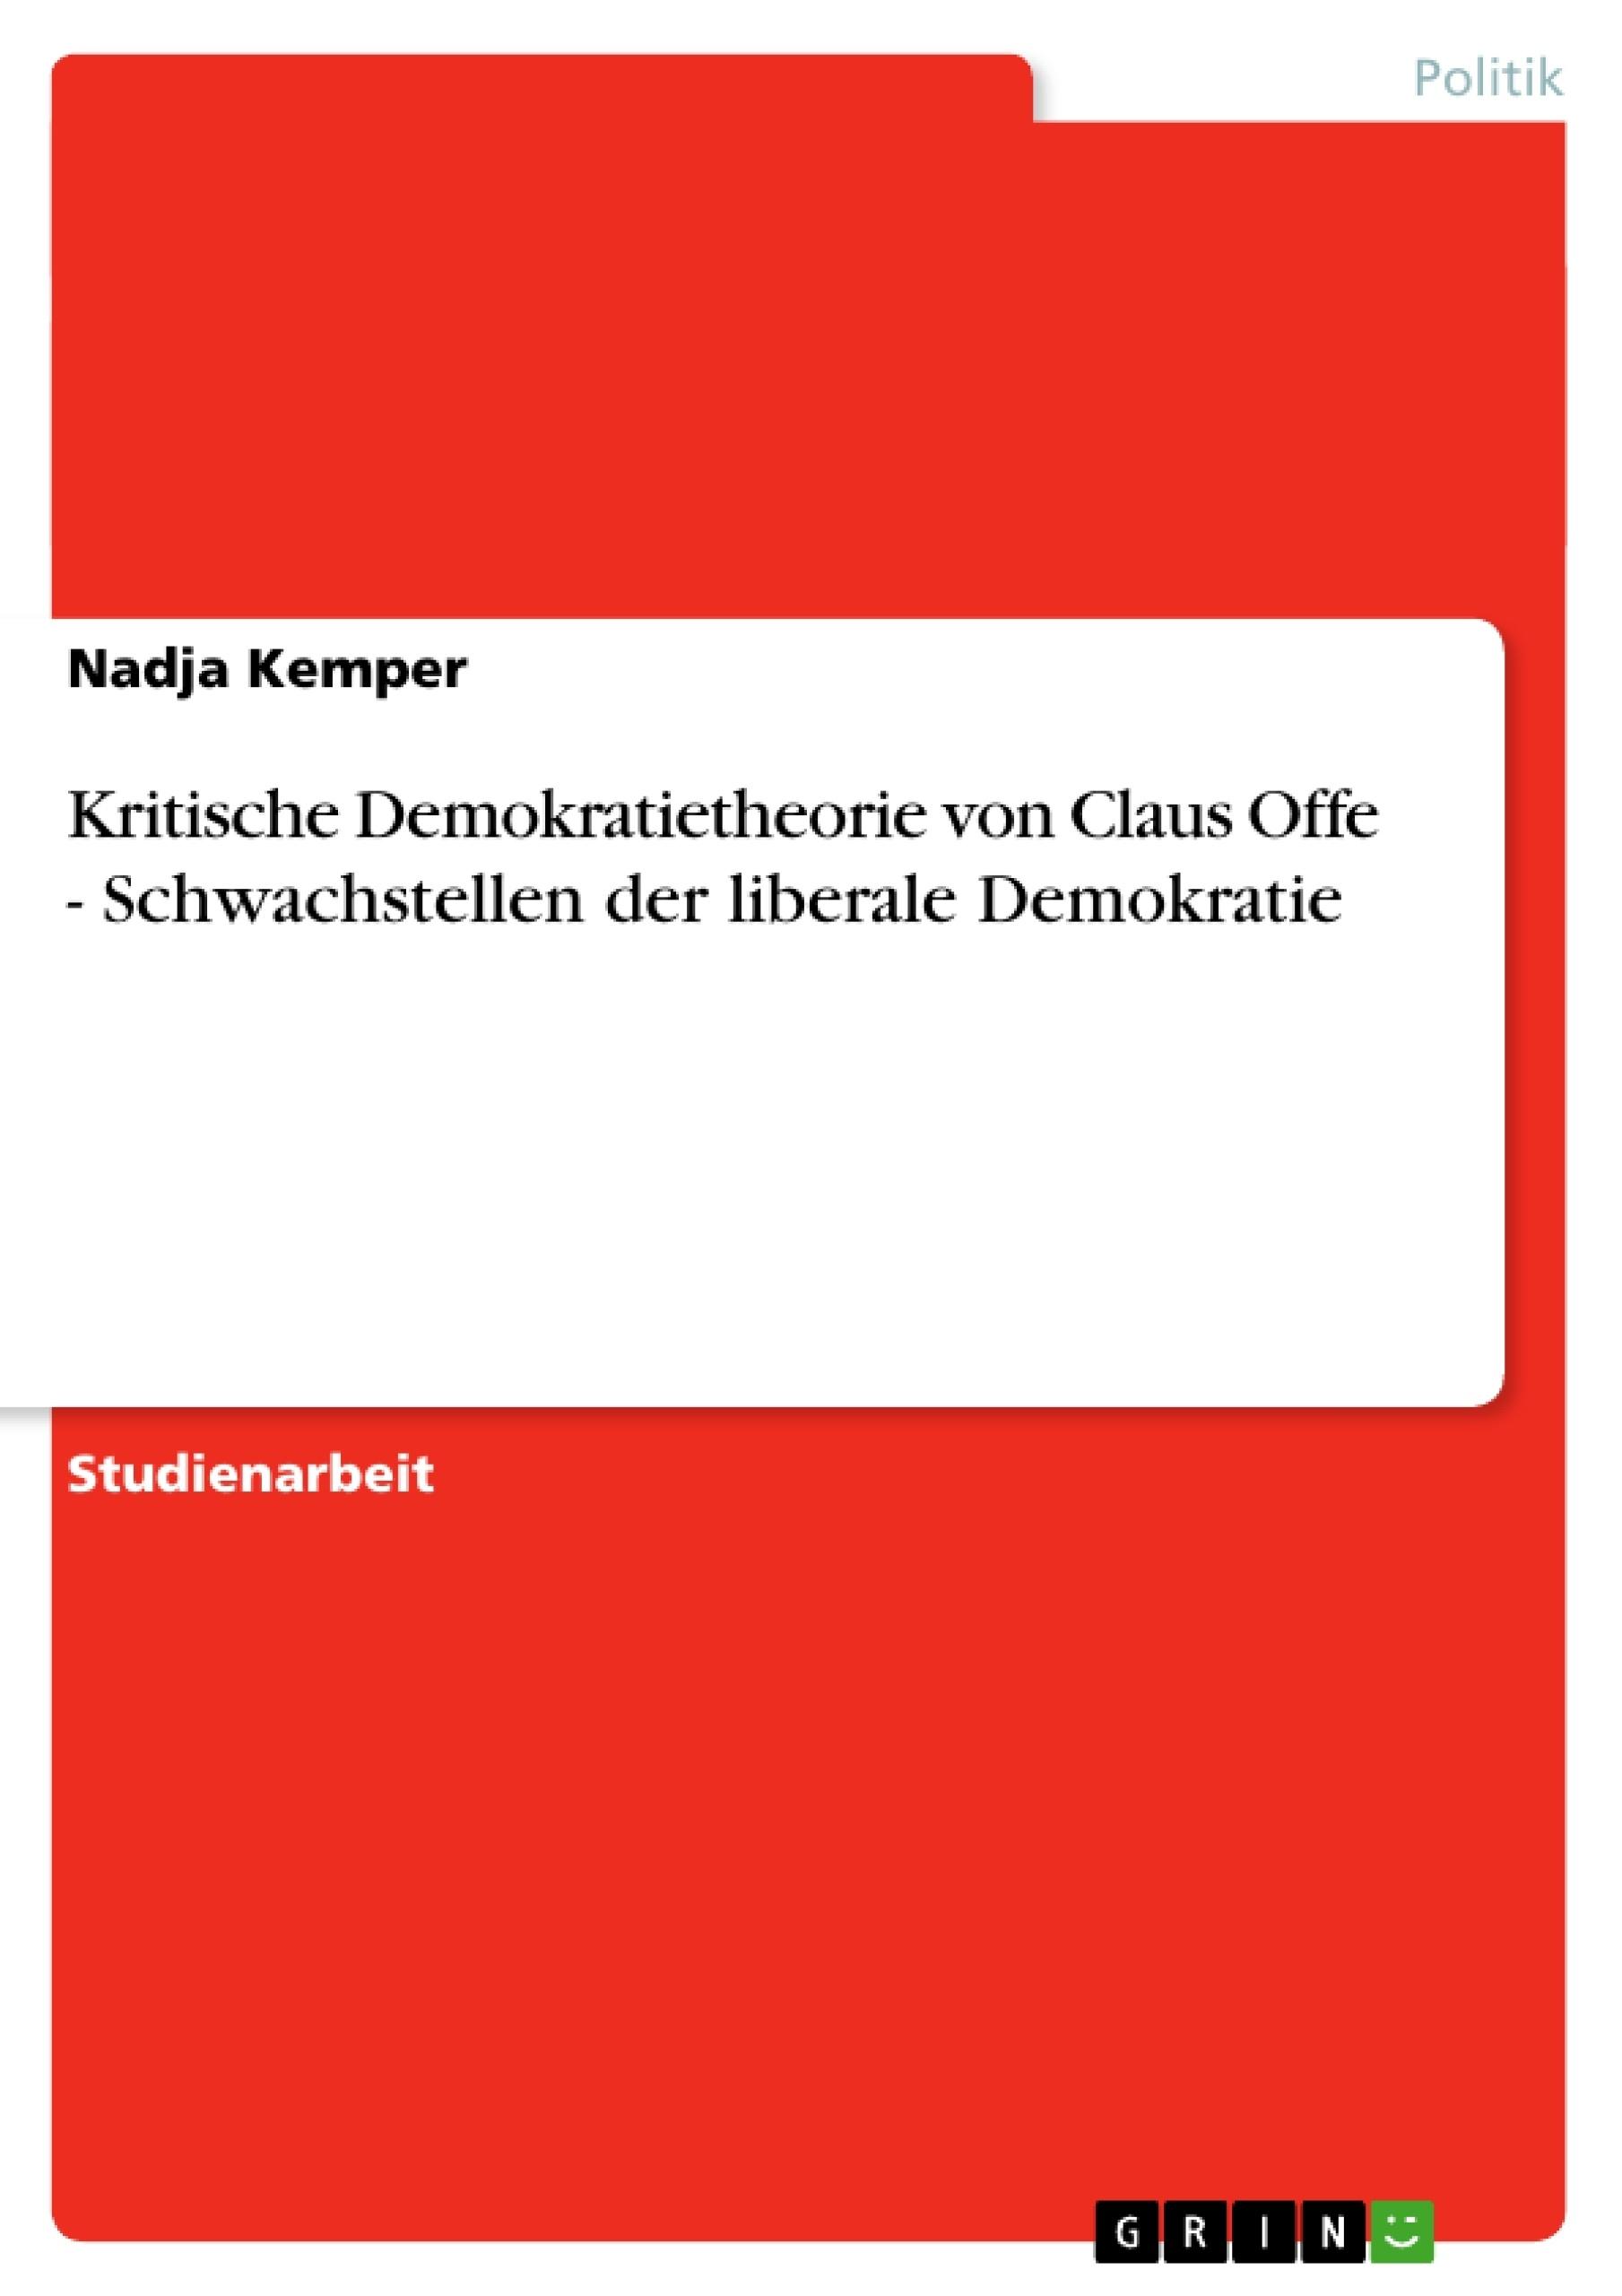 Titel: Kritische Demokratietheorie von Claus Offe - Schwachstellen der liberale Demokratie